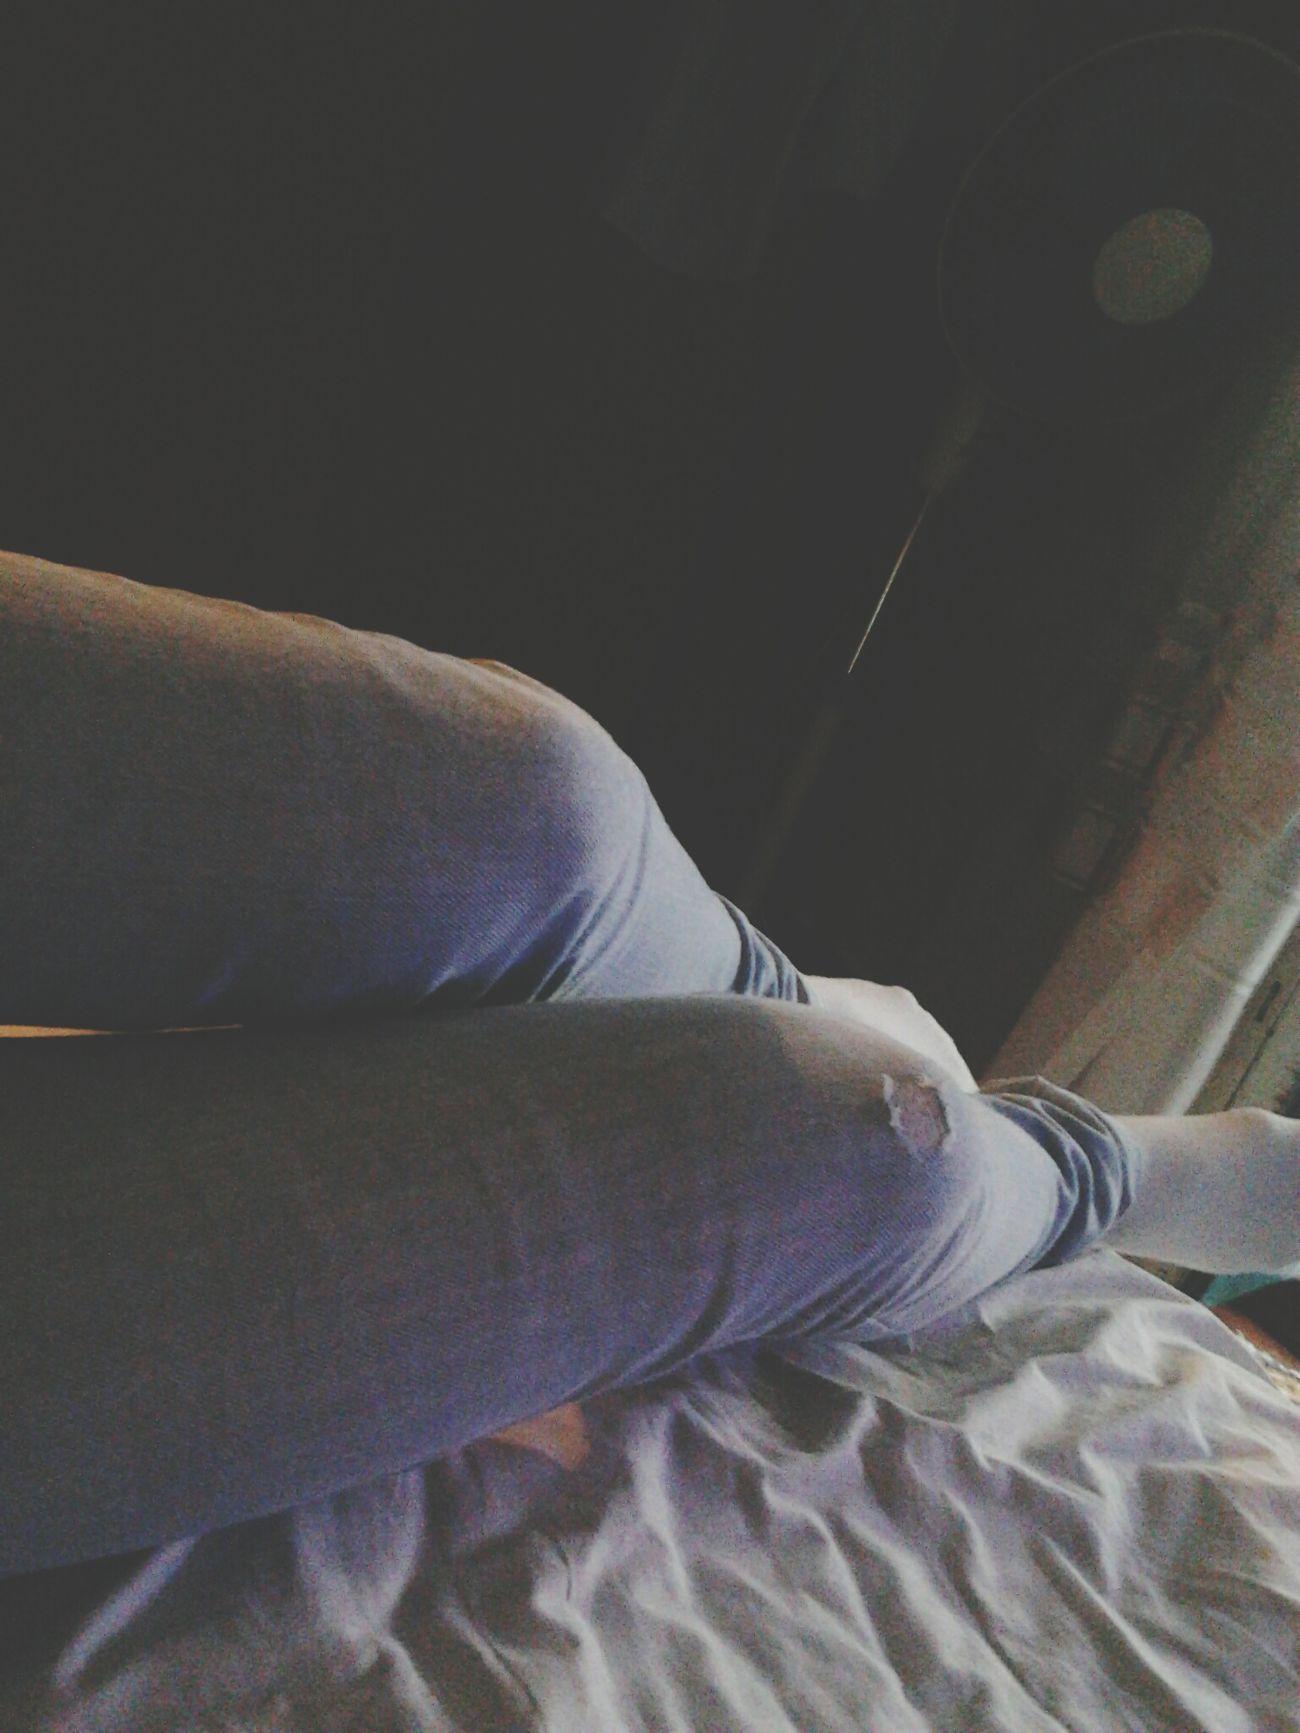 ніжки